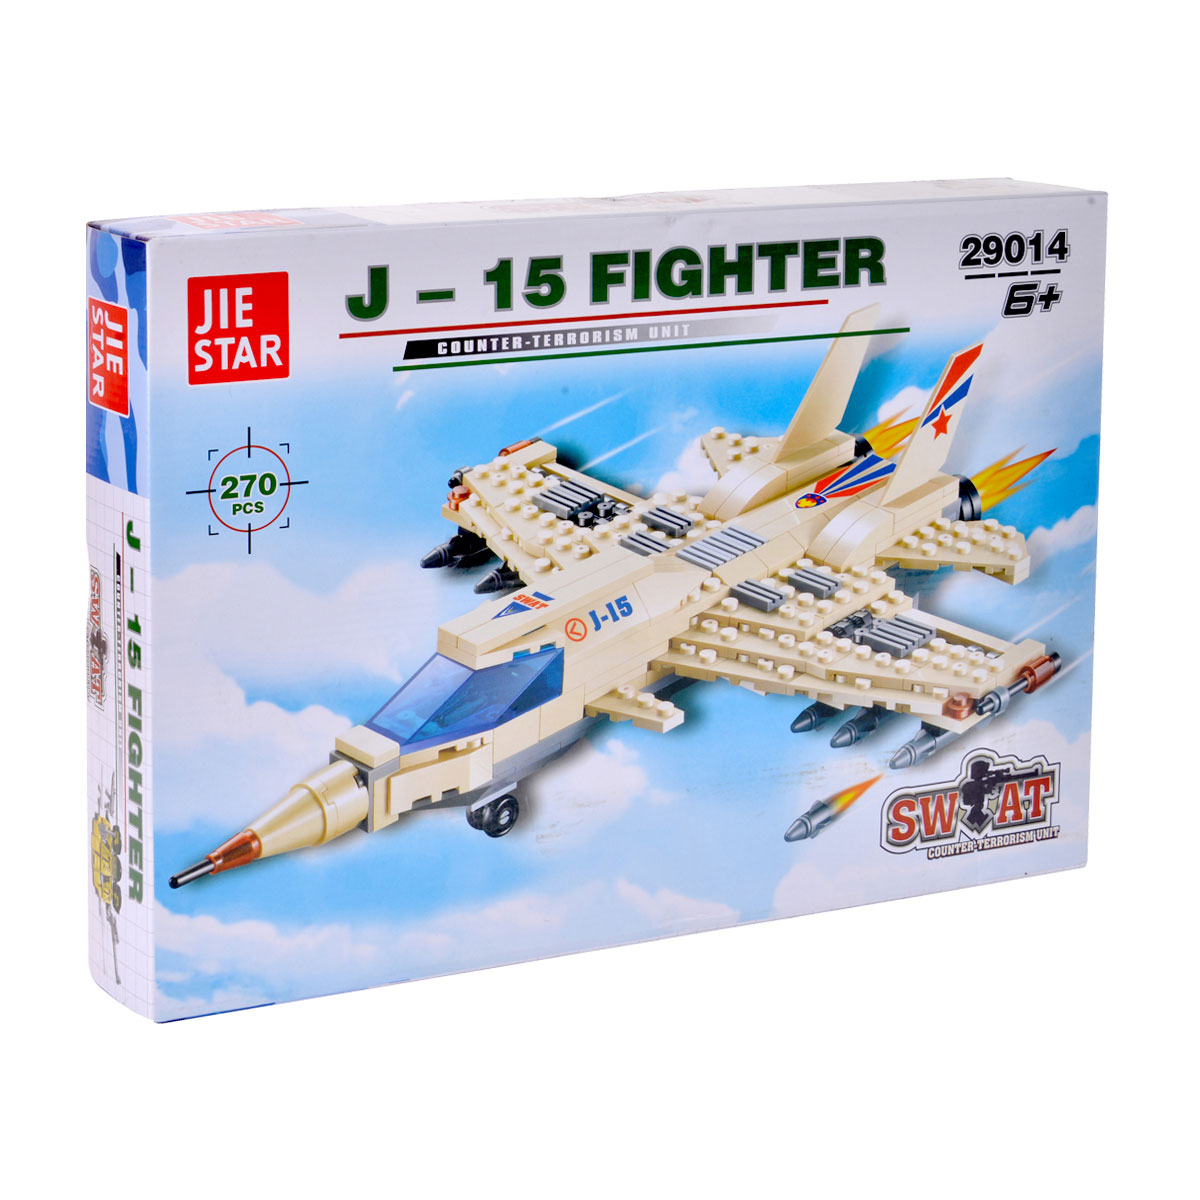 لعبة تركيب طائرة جيش مع صواريخ للاطفال - 270 قطعه رقم 101630